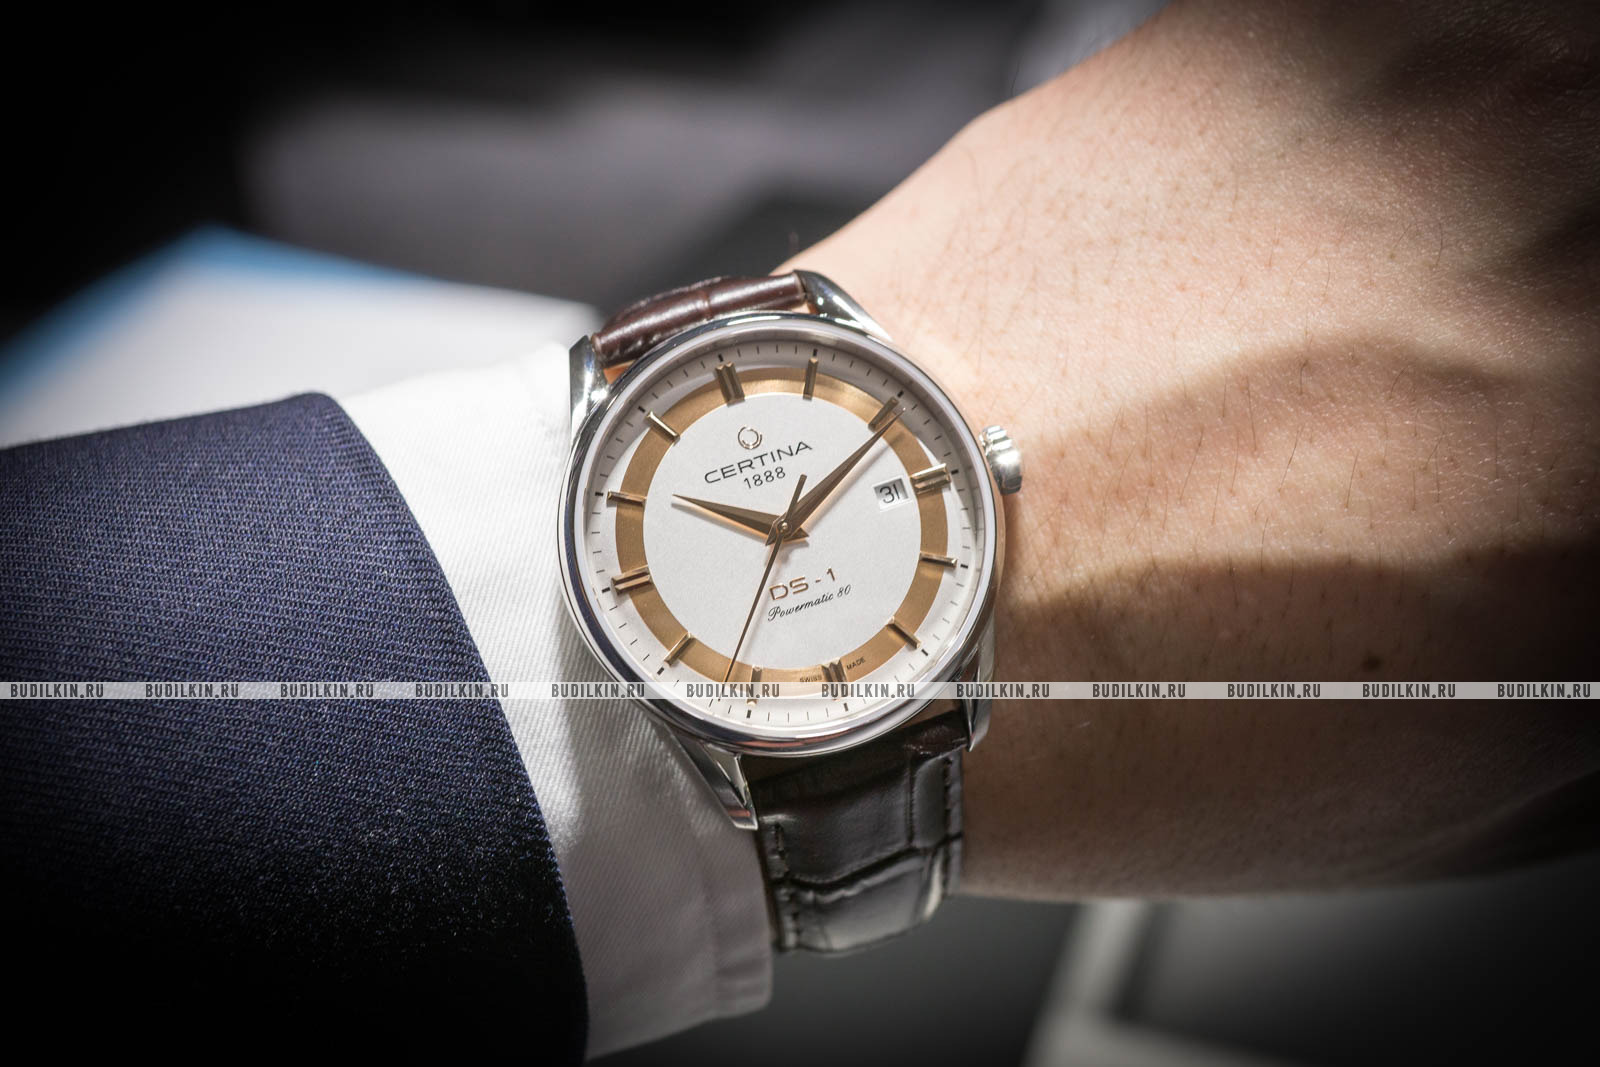 ... Мужские швейцарские наручные часы Certina DS-1 Powermatic 80  C029.807.16.031.60 ed3895d7cc4